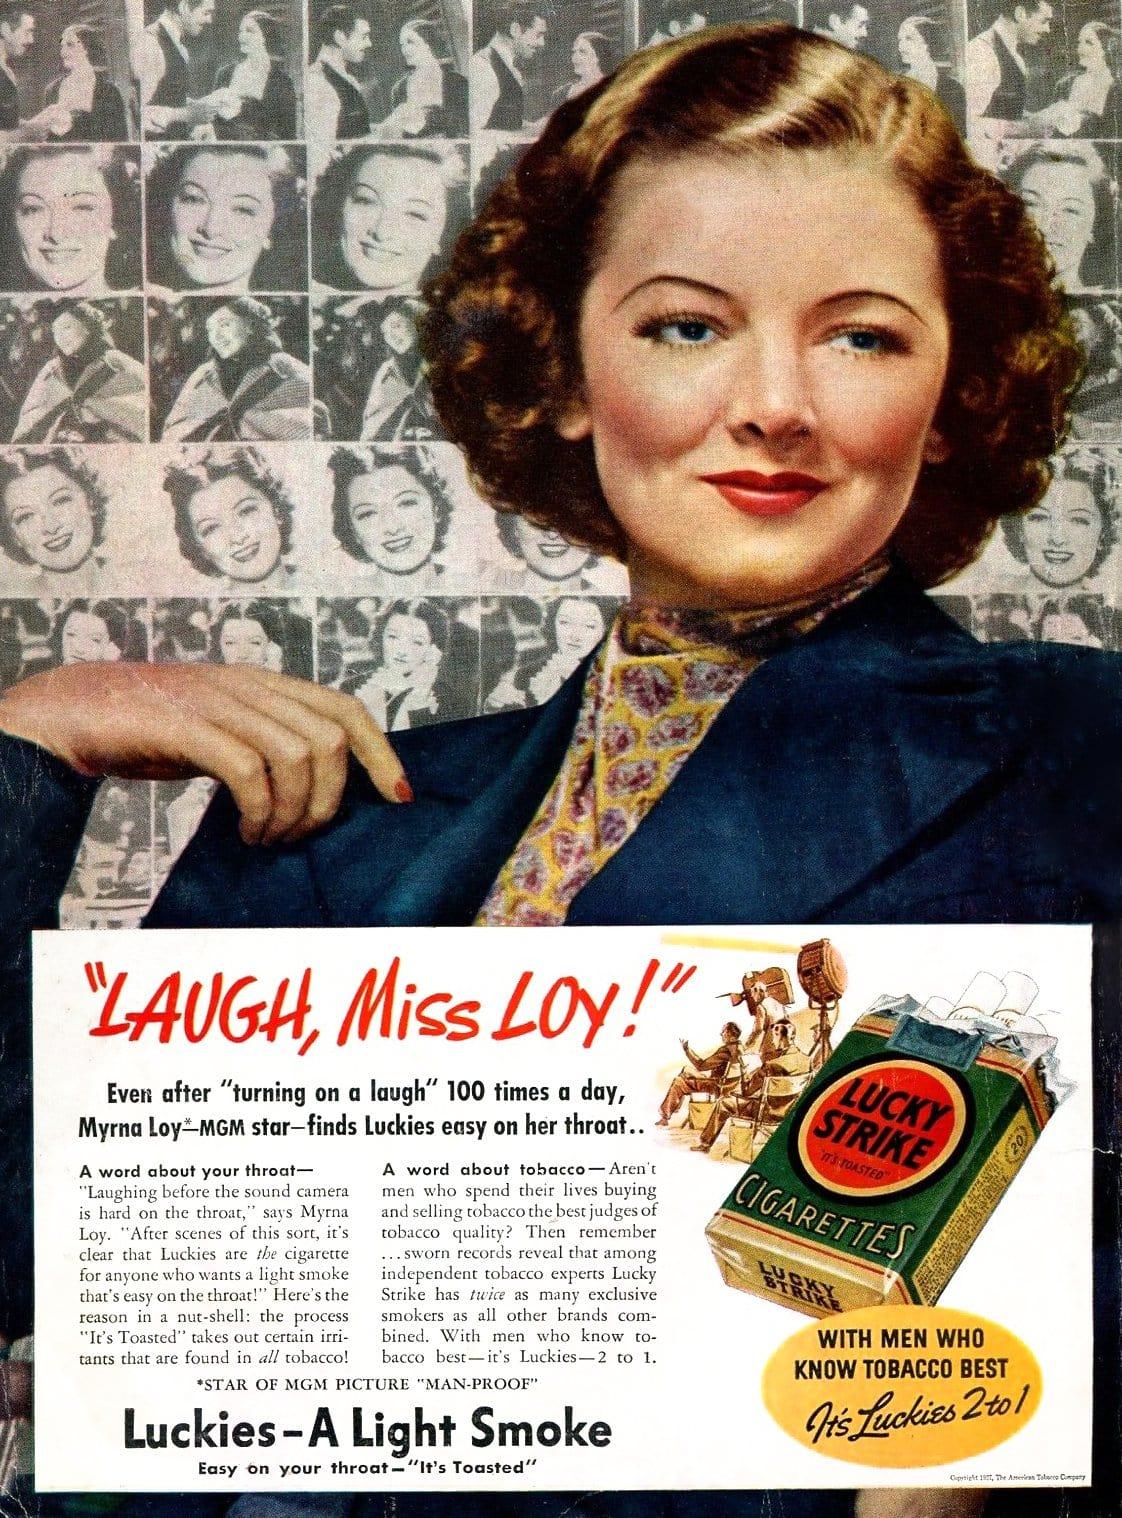 Myrna Loy cigarettes 1938